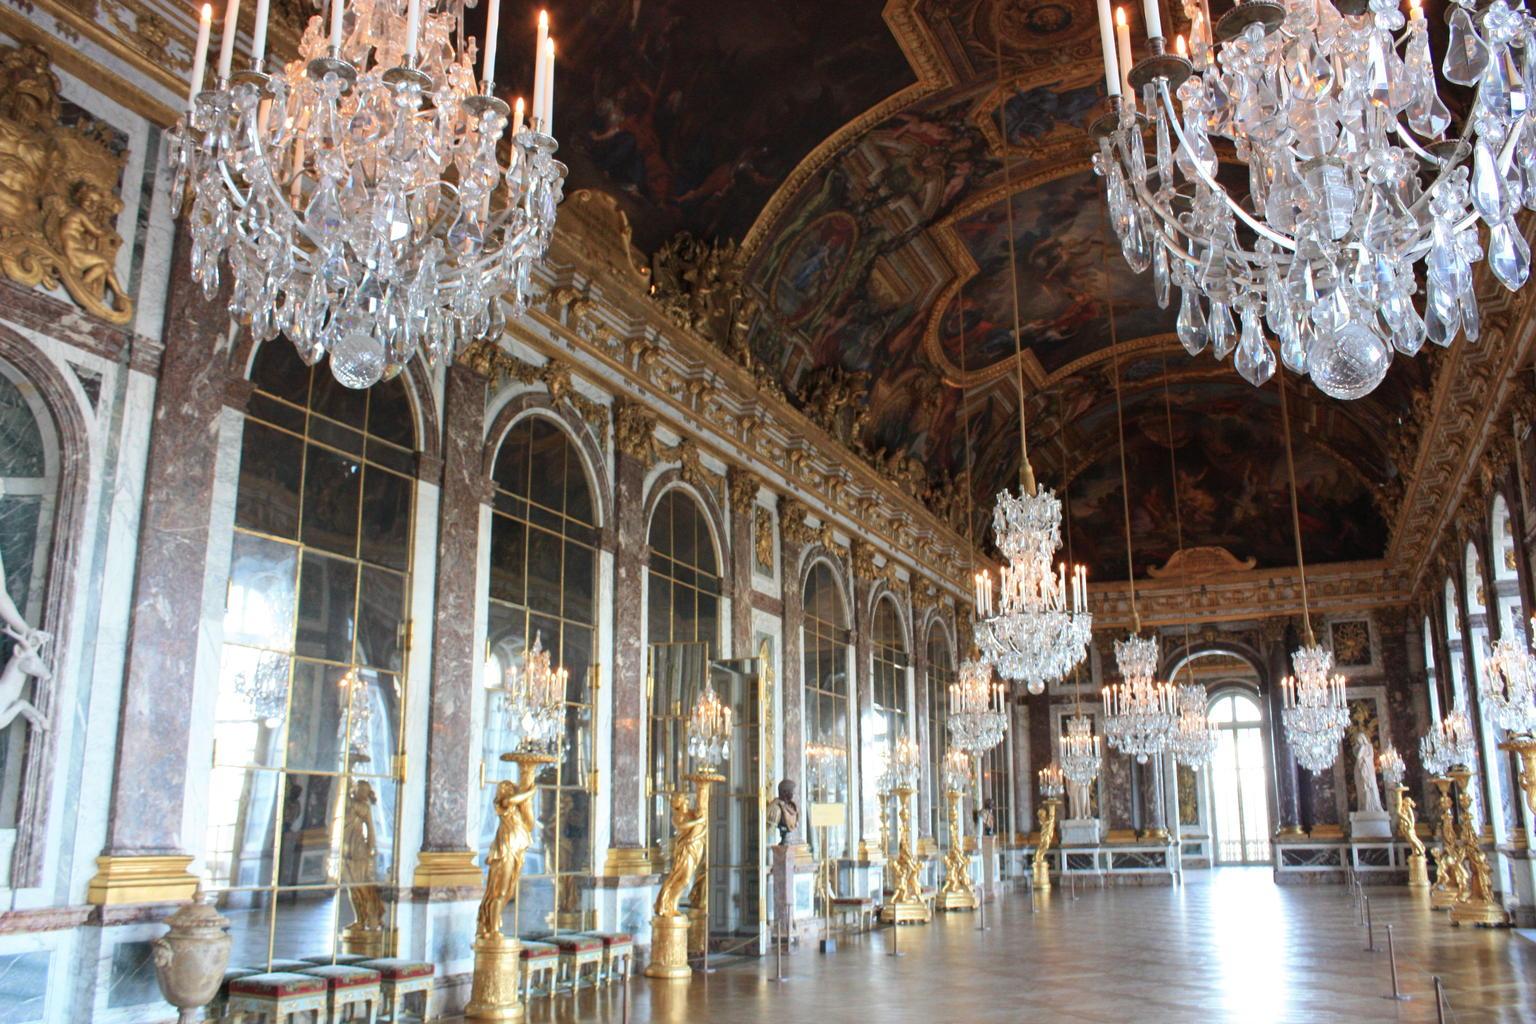 MÁS FOTOS, VIP de Viator: Visita al Palacio de Versalles con visita privada a los aposentos reales